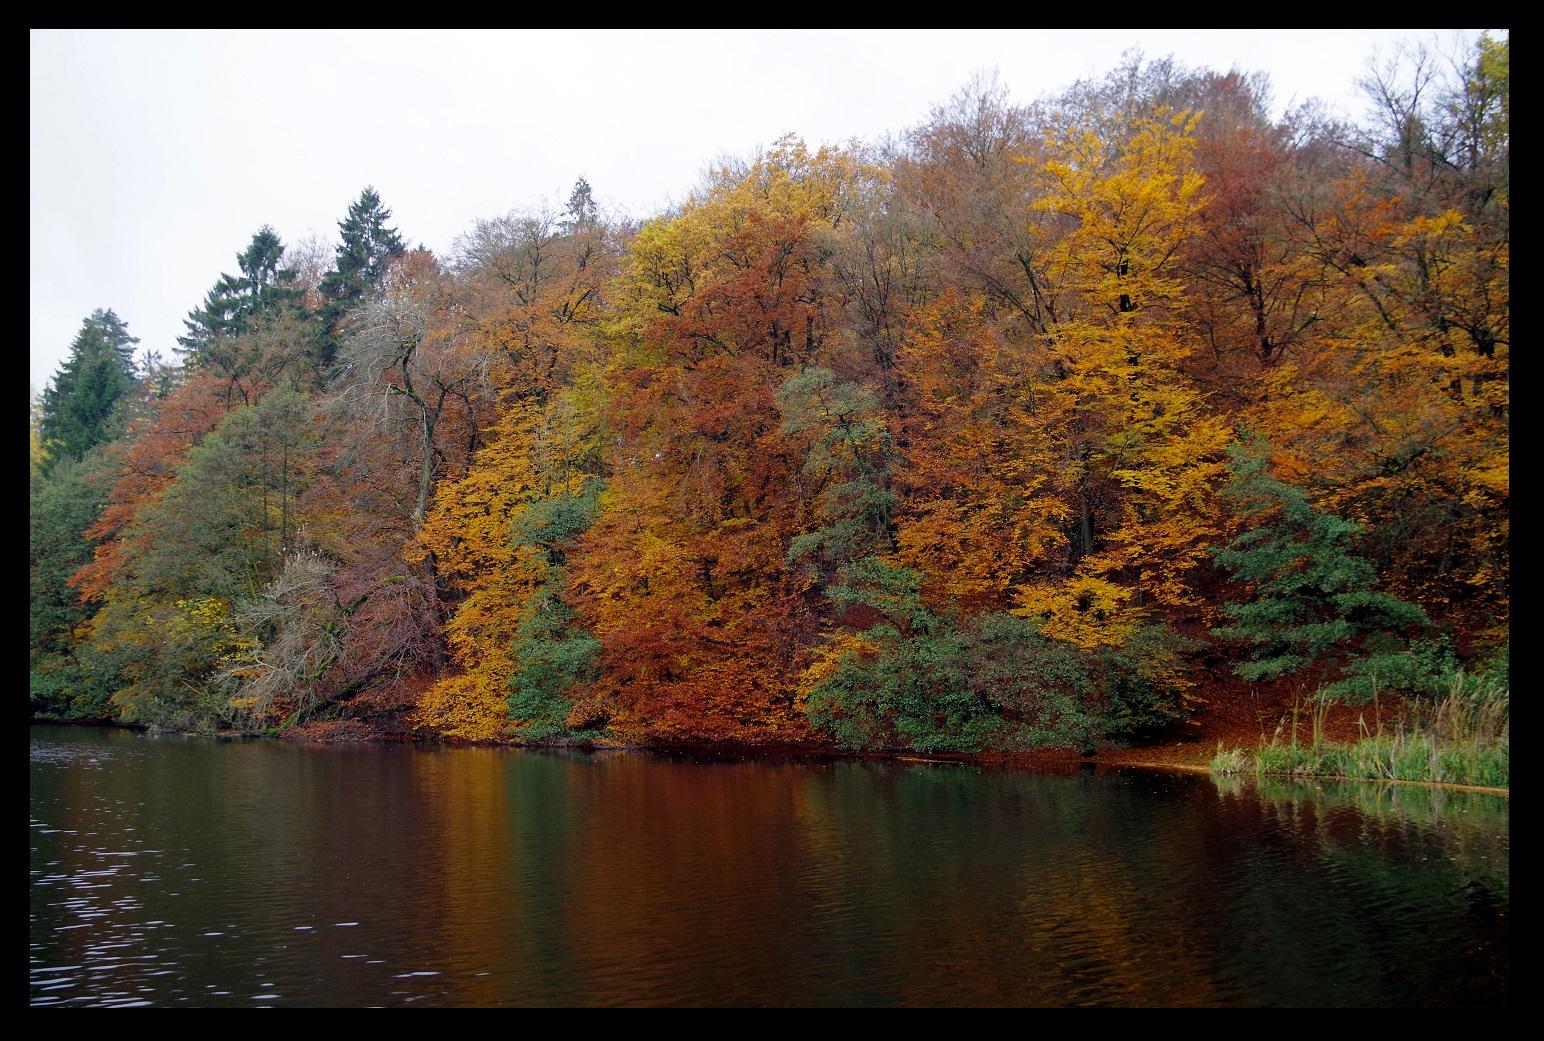 close to Externsteine, NRW, Germany